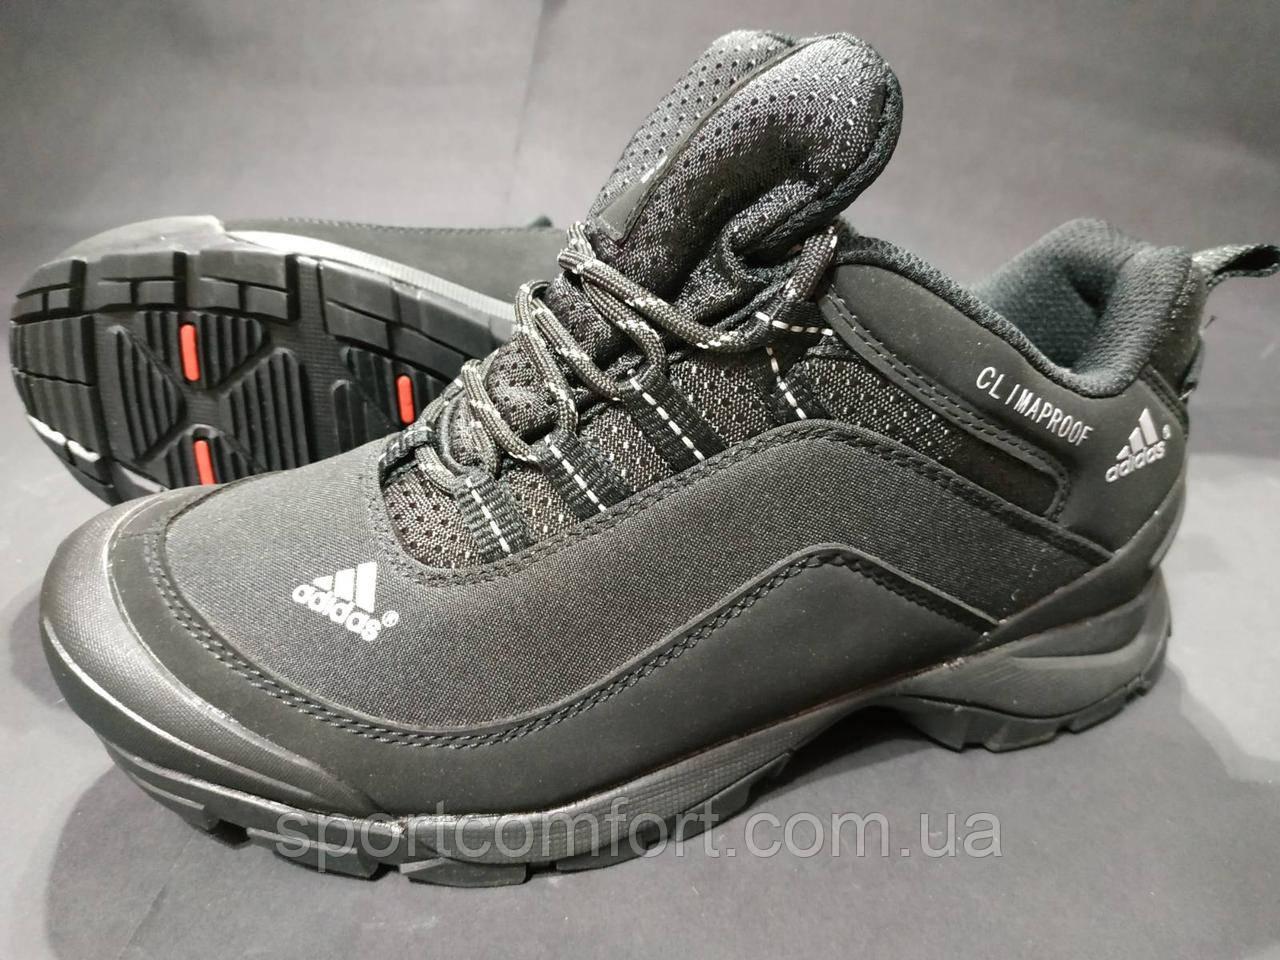 Кроссовки термо мужские Adidas Climaproof черные размер 41 маломерка